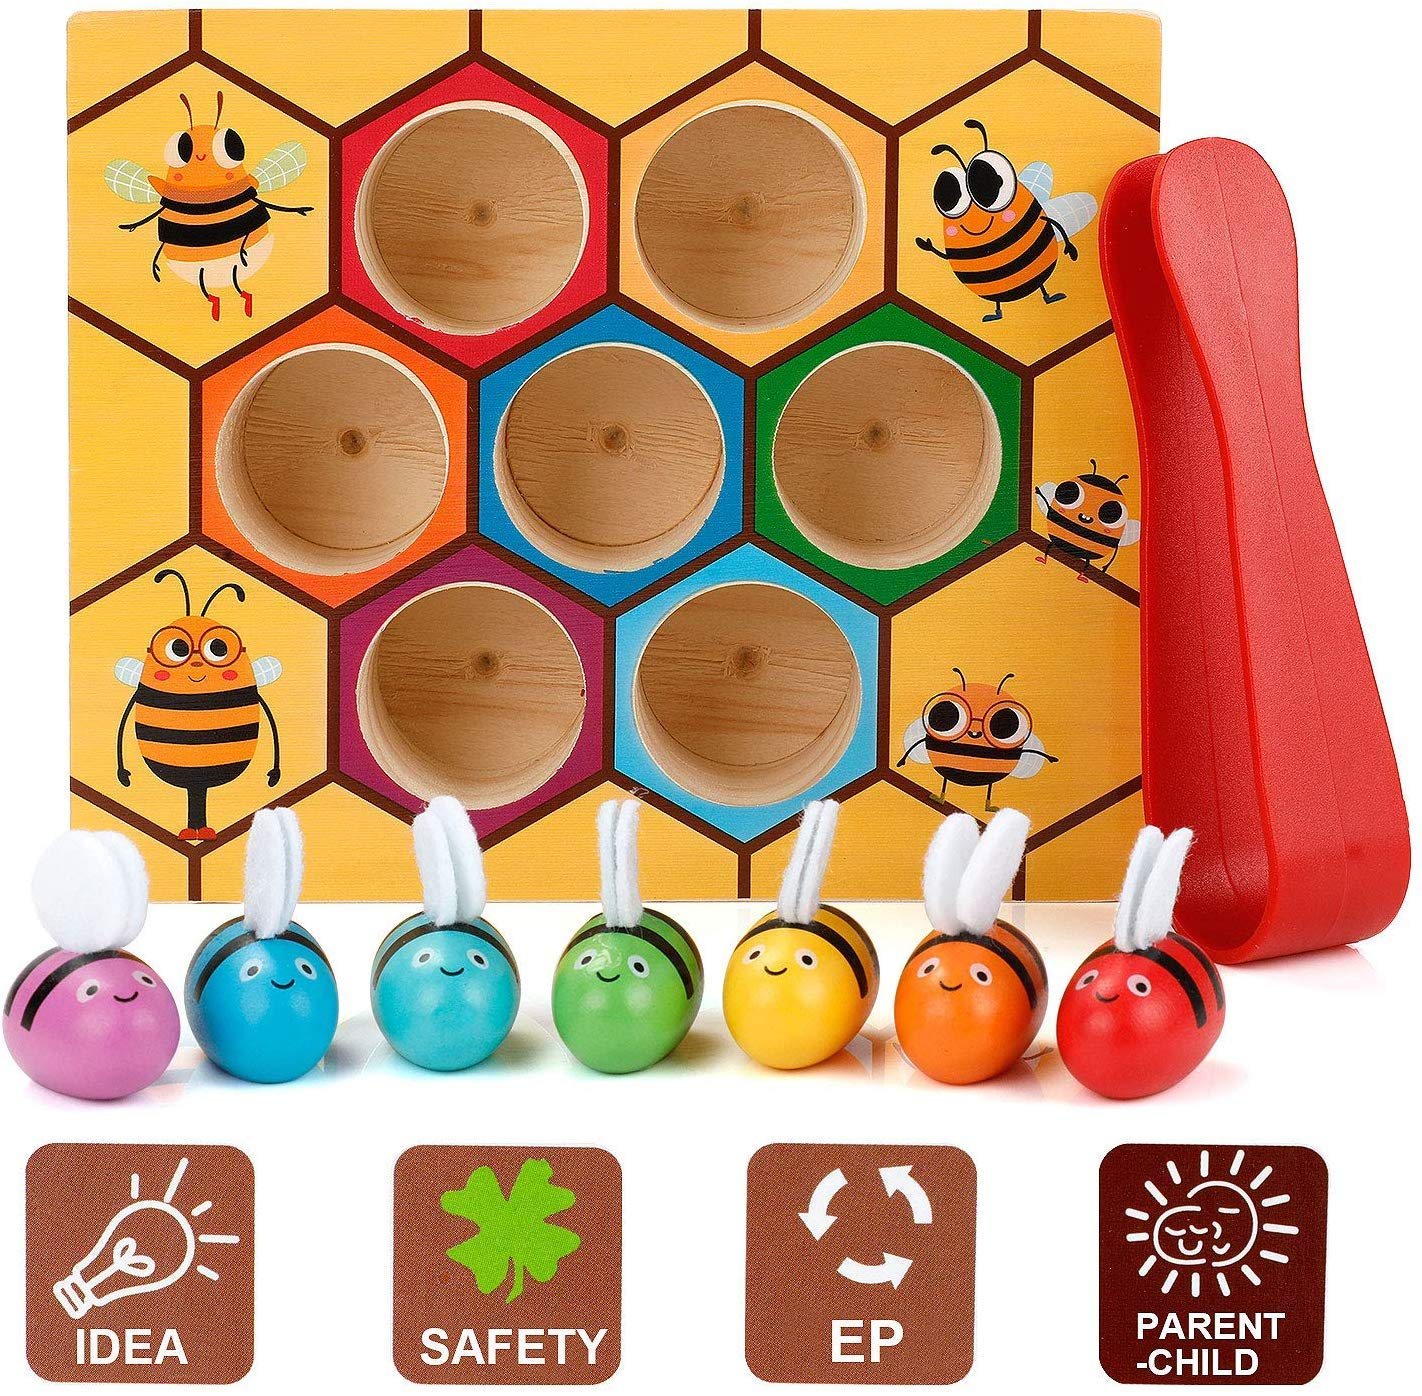 Premewish Giocattoli Bambini Prescolare Giocattolo Educativo Montessori Ape Clip Scatola in Legno Gioco Multicolore Regalo Compleanno per Bambini